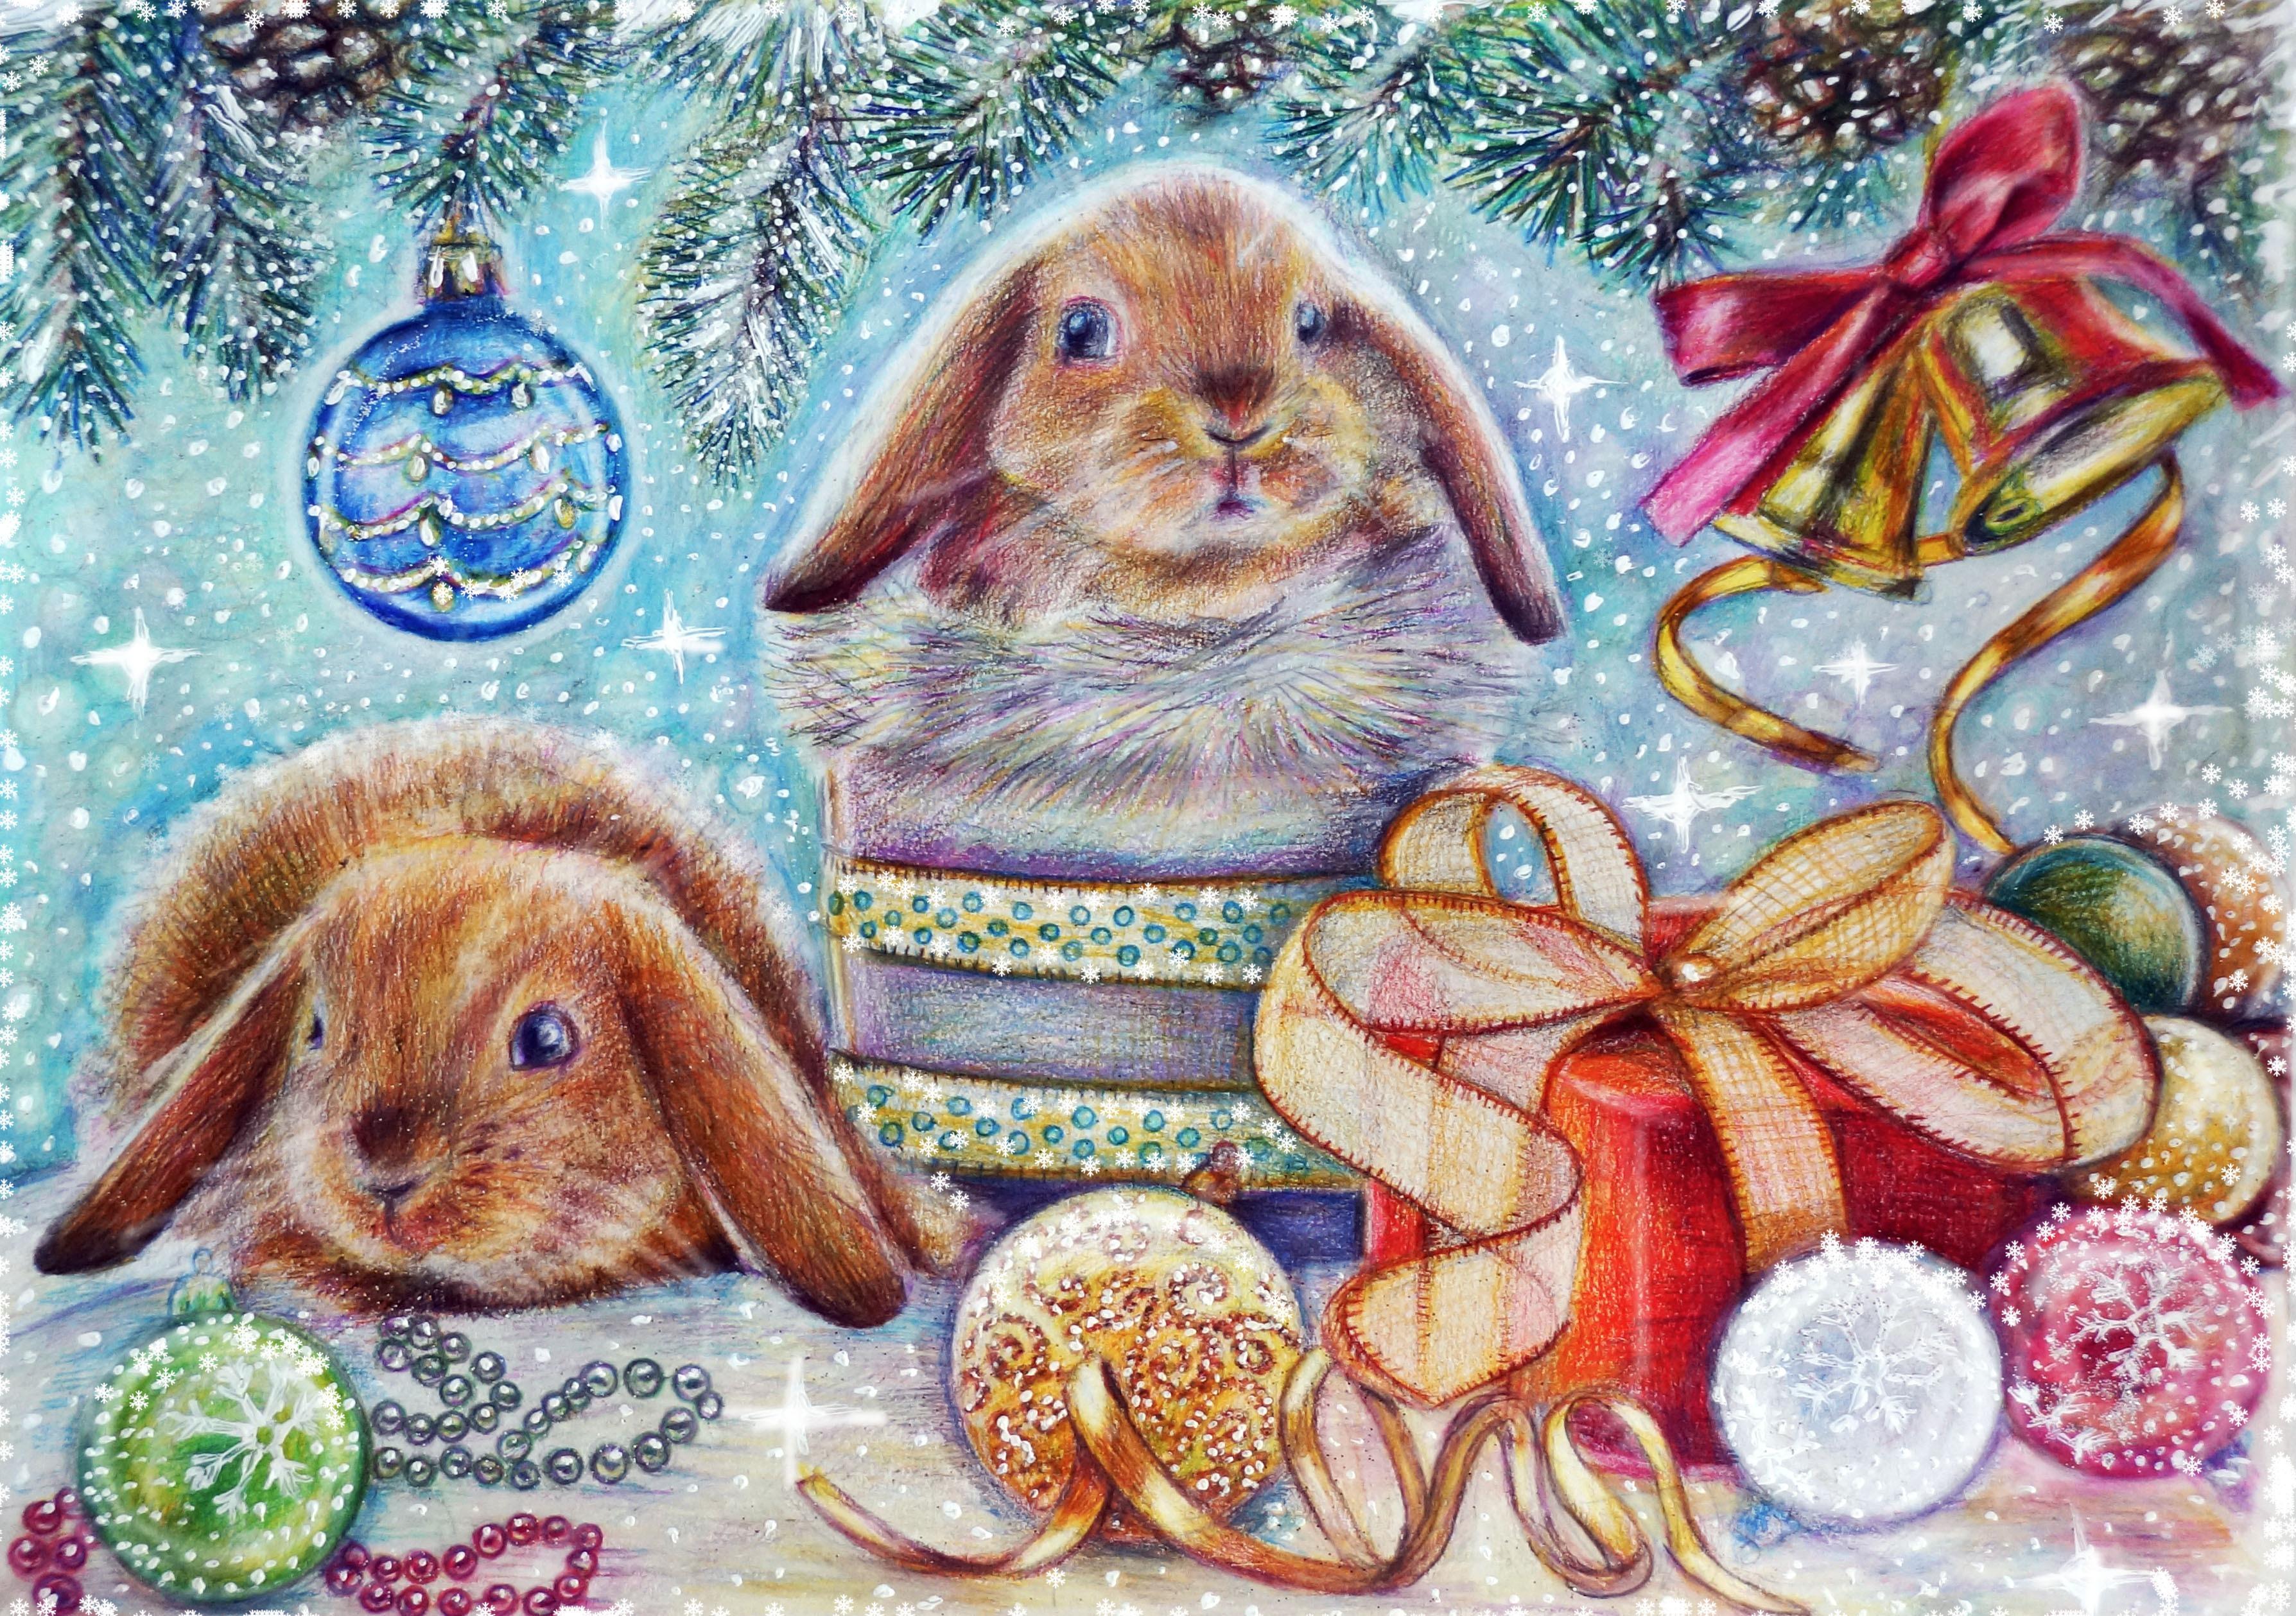 Картинки новогодних зайцев нет